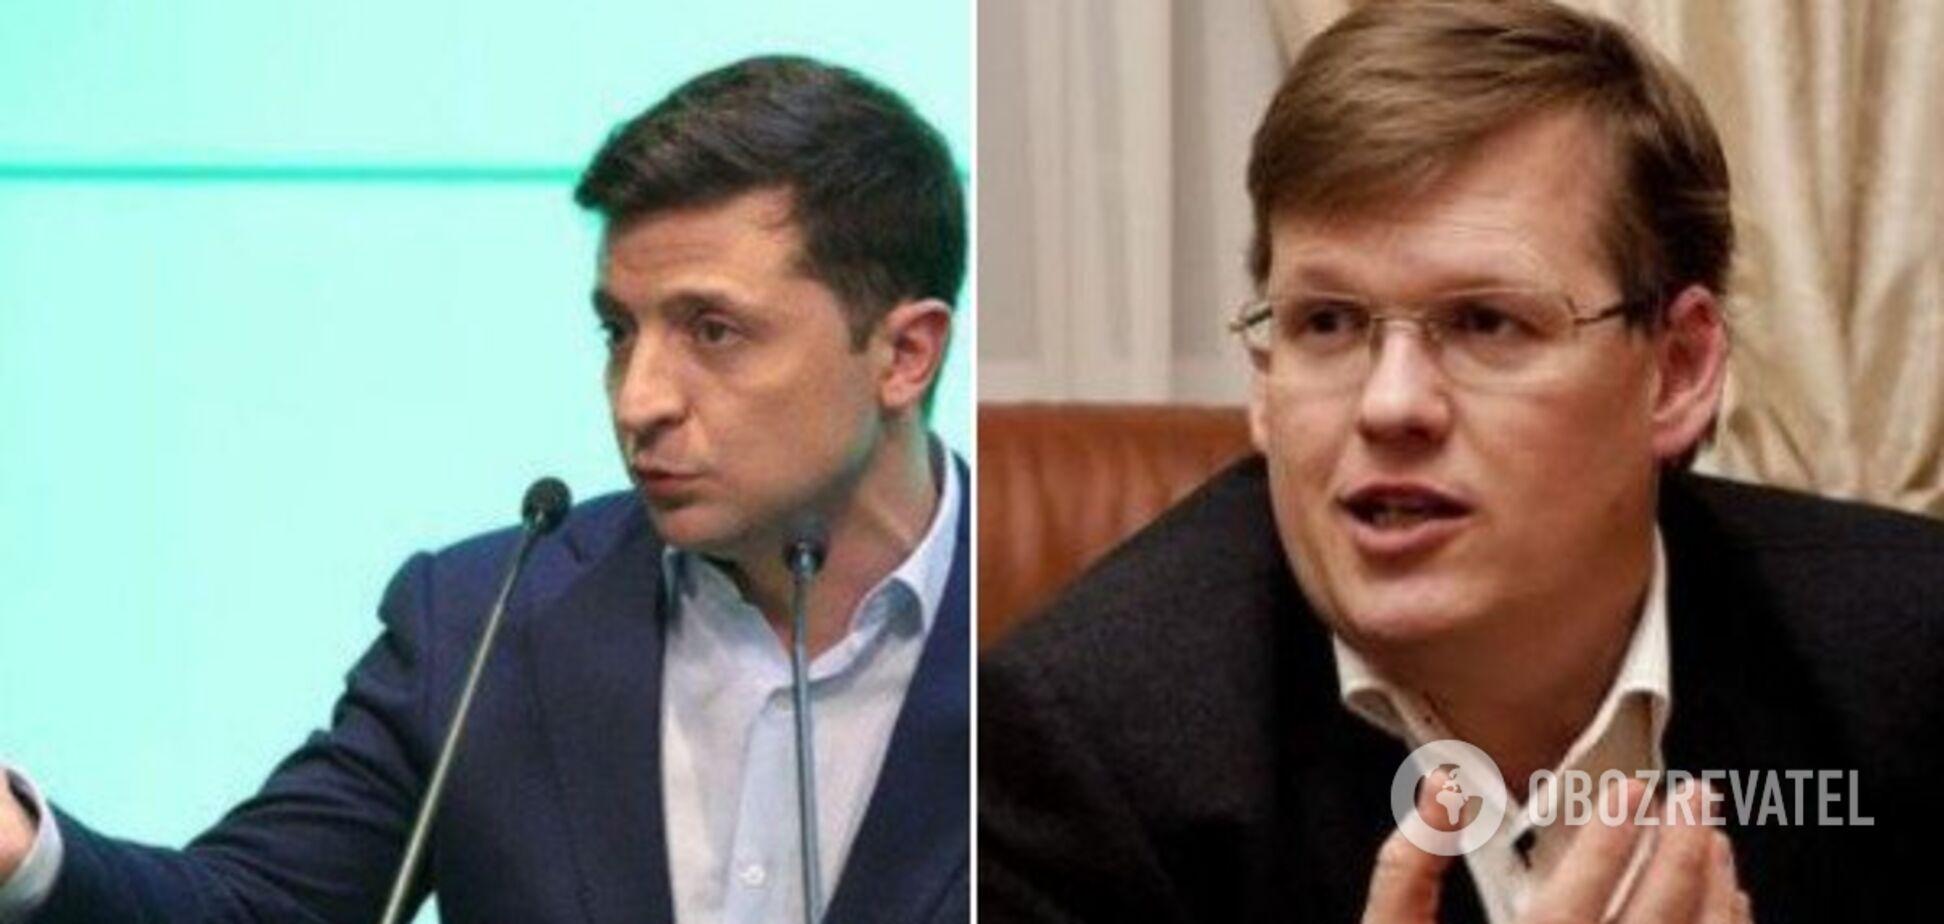 'Не ганьбіть себе': Зеленському виставили жорсткий ультиматум через кадрове рішення